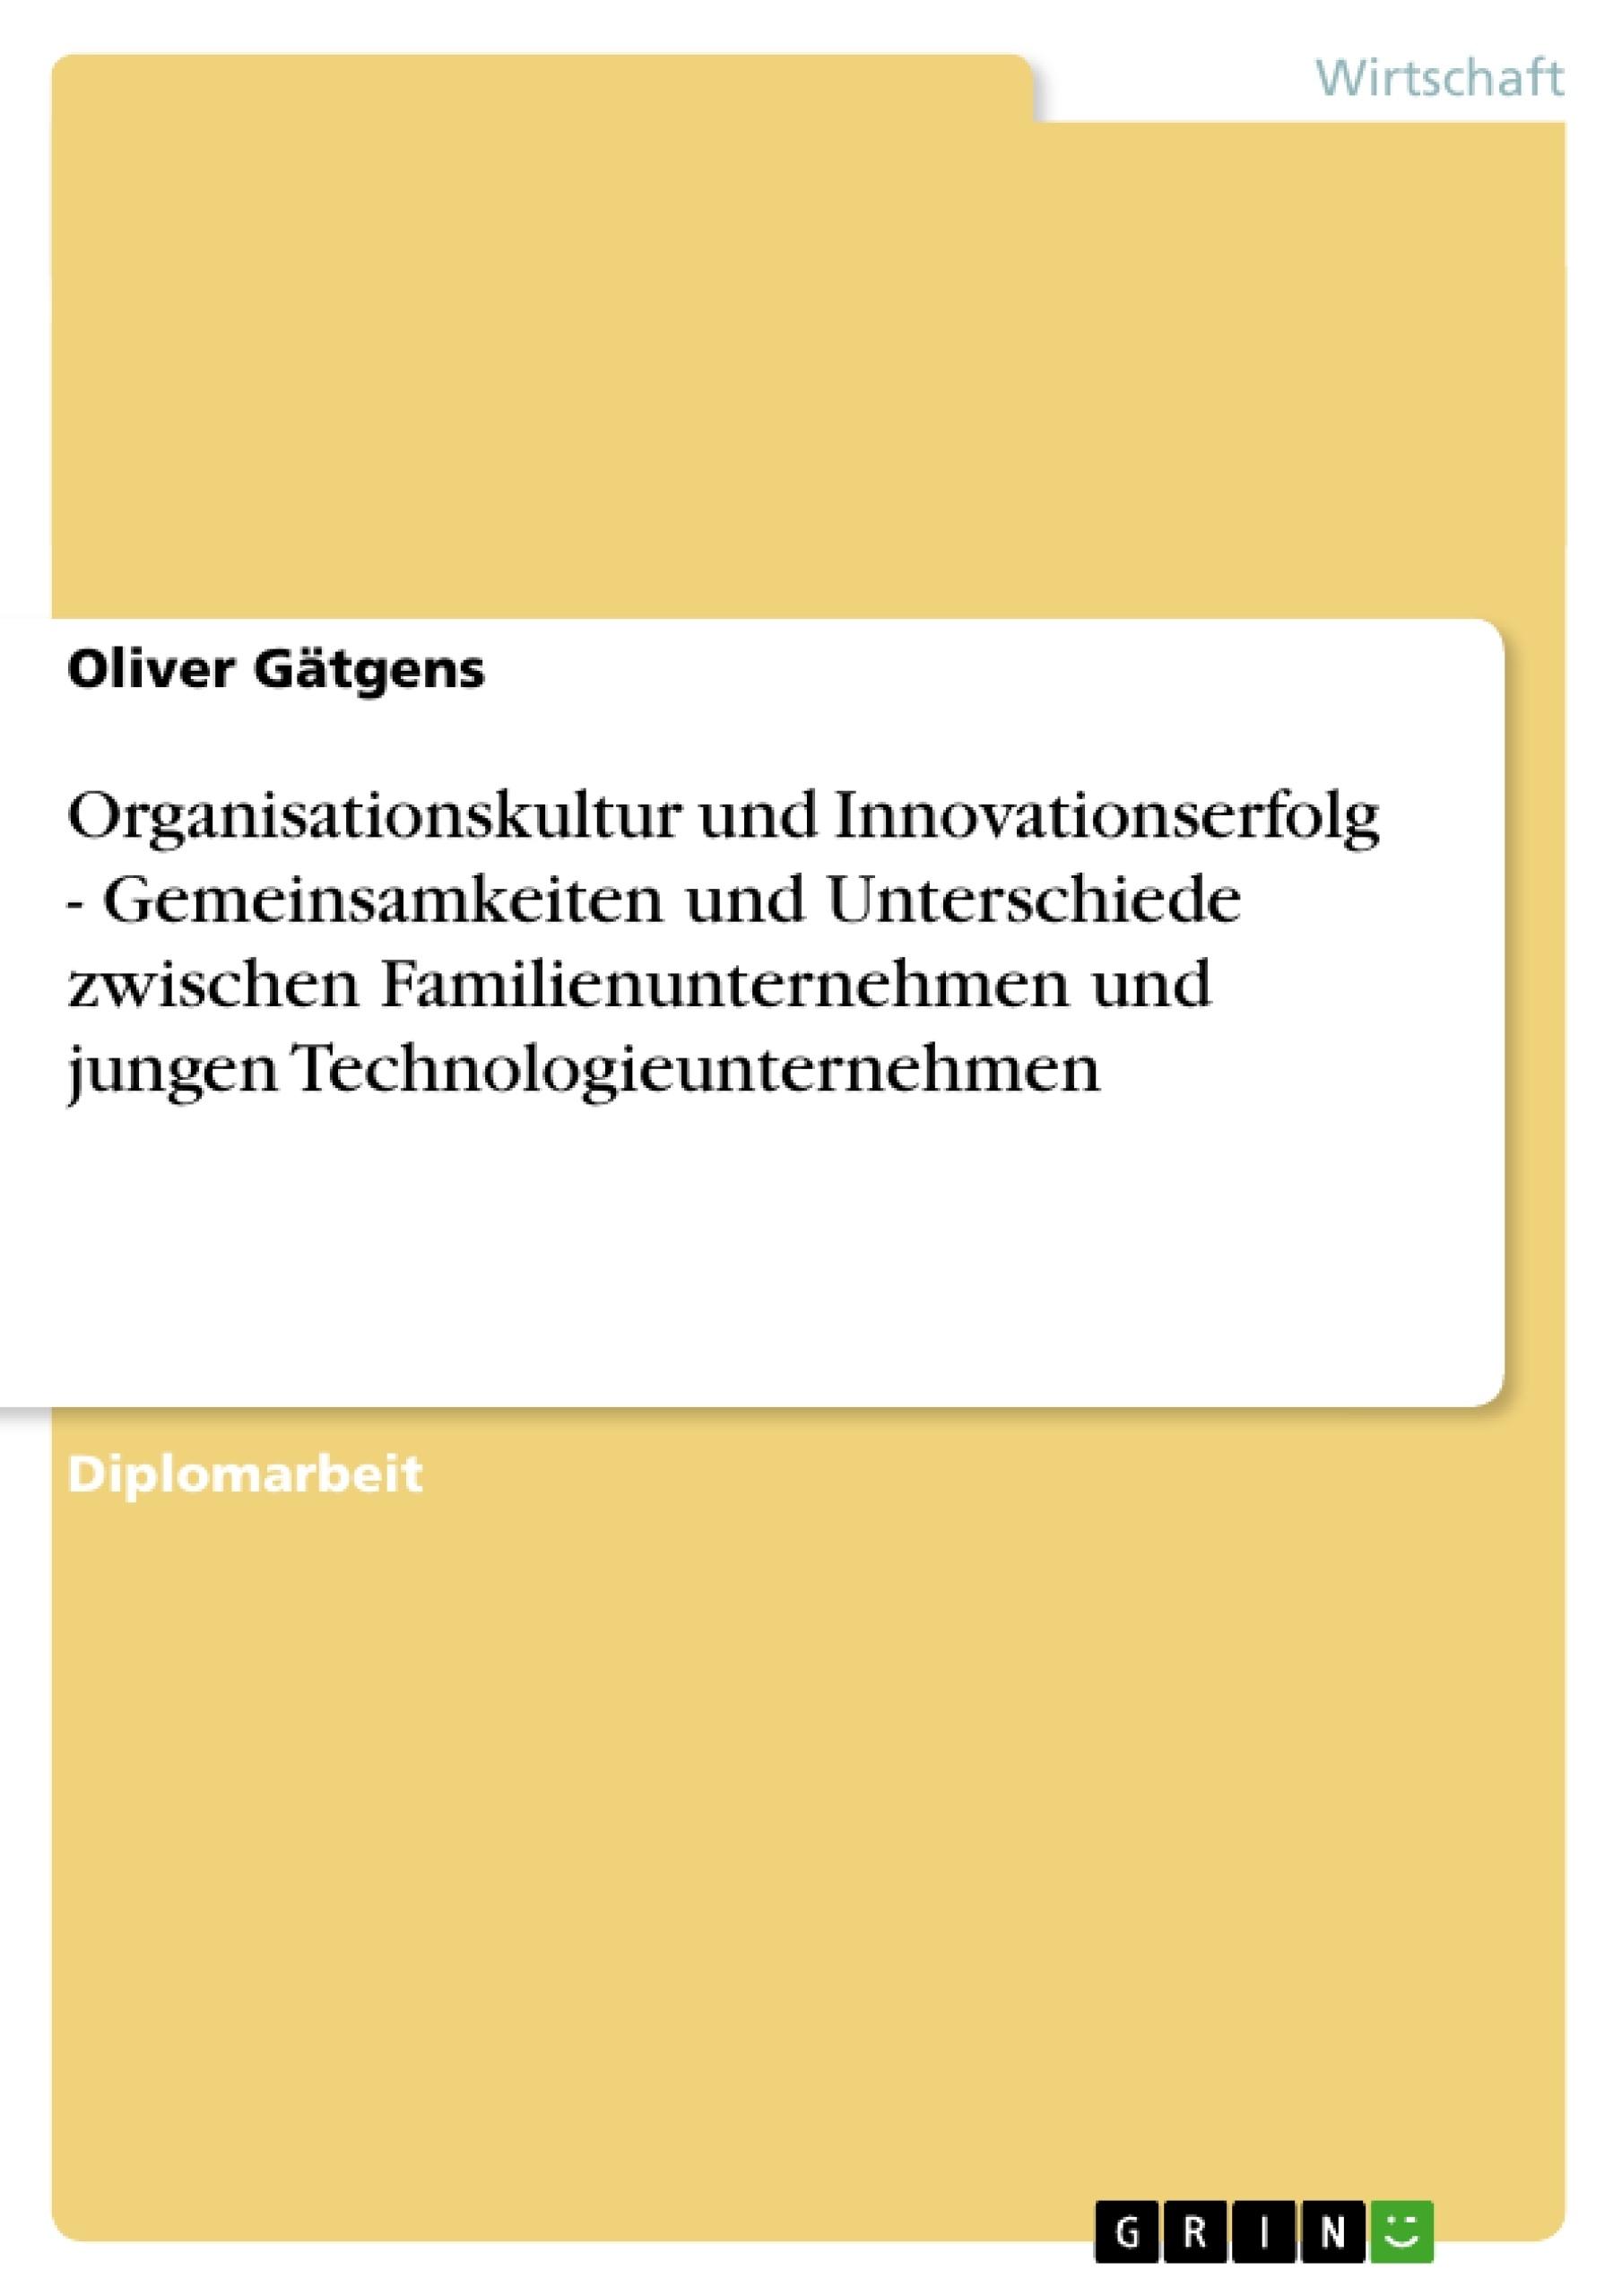 Titel: Organisationskultur und Innovationserfolg - Gemeinsamkeiten und Unterschiede zwischen Familienunternehmen und jungen Technologieunternehmen